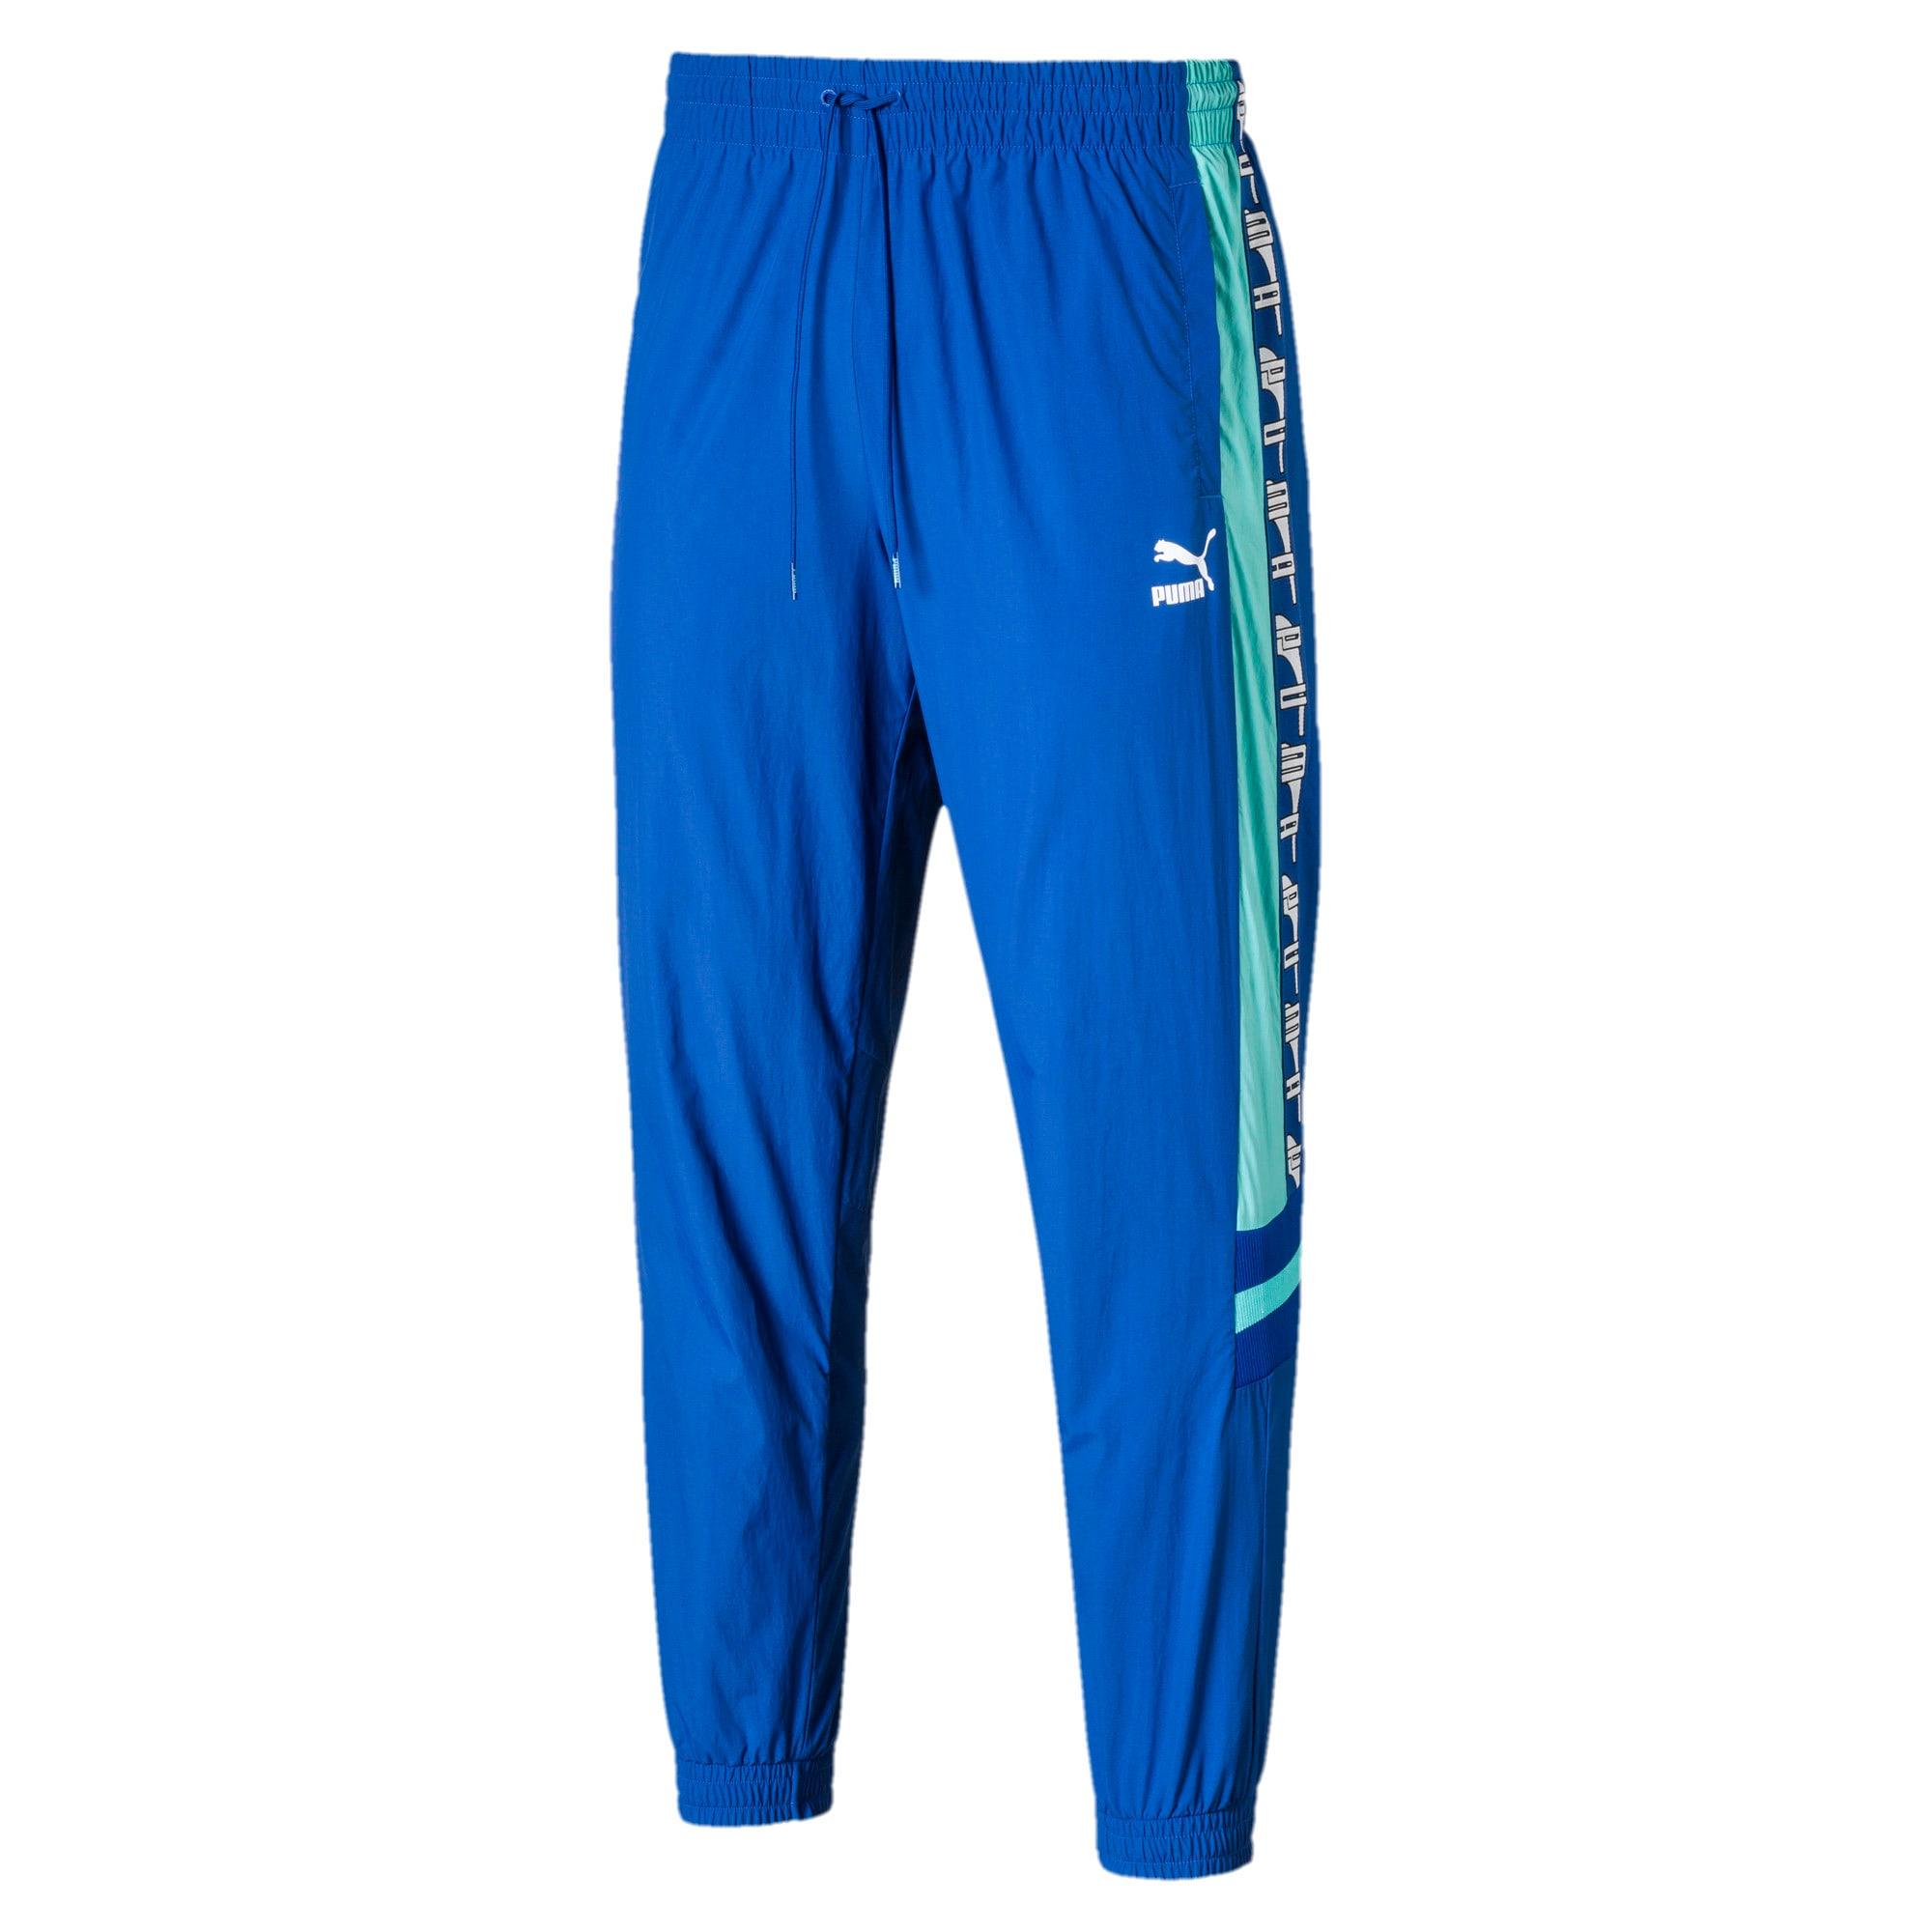 Miniatura 1 de Pantalones de punto PUMA XTG para hombre, Galaxy Blue, mediano